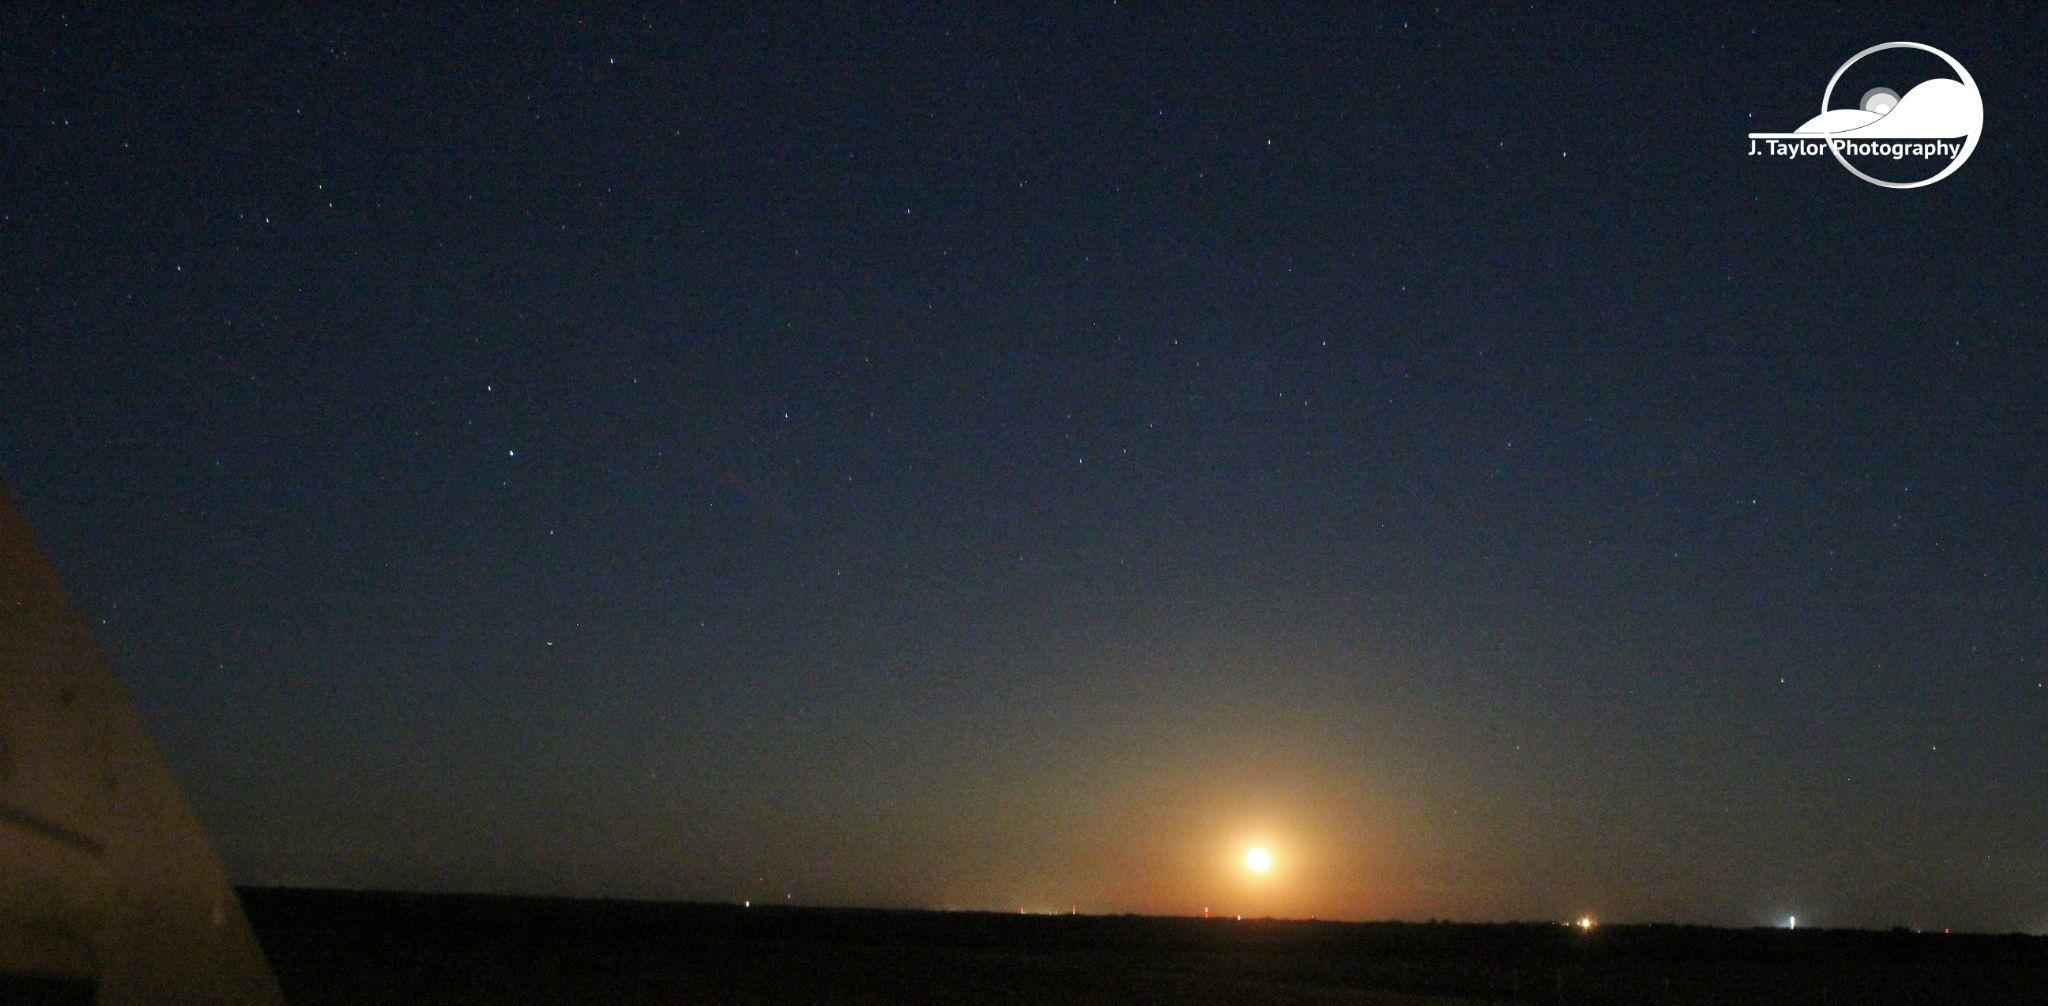 Oklahoma night sky by Jordan Taylor